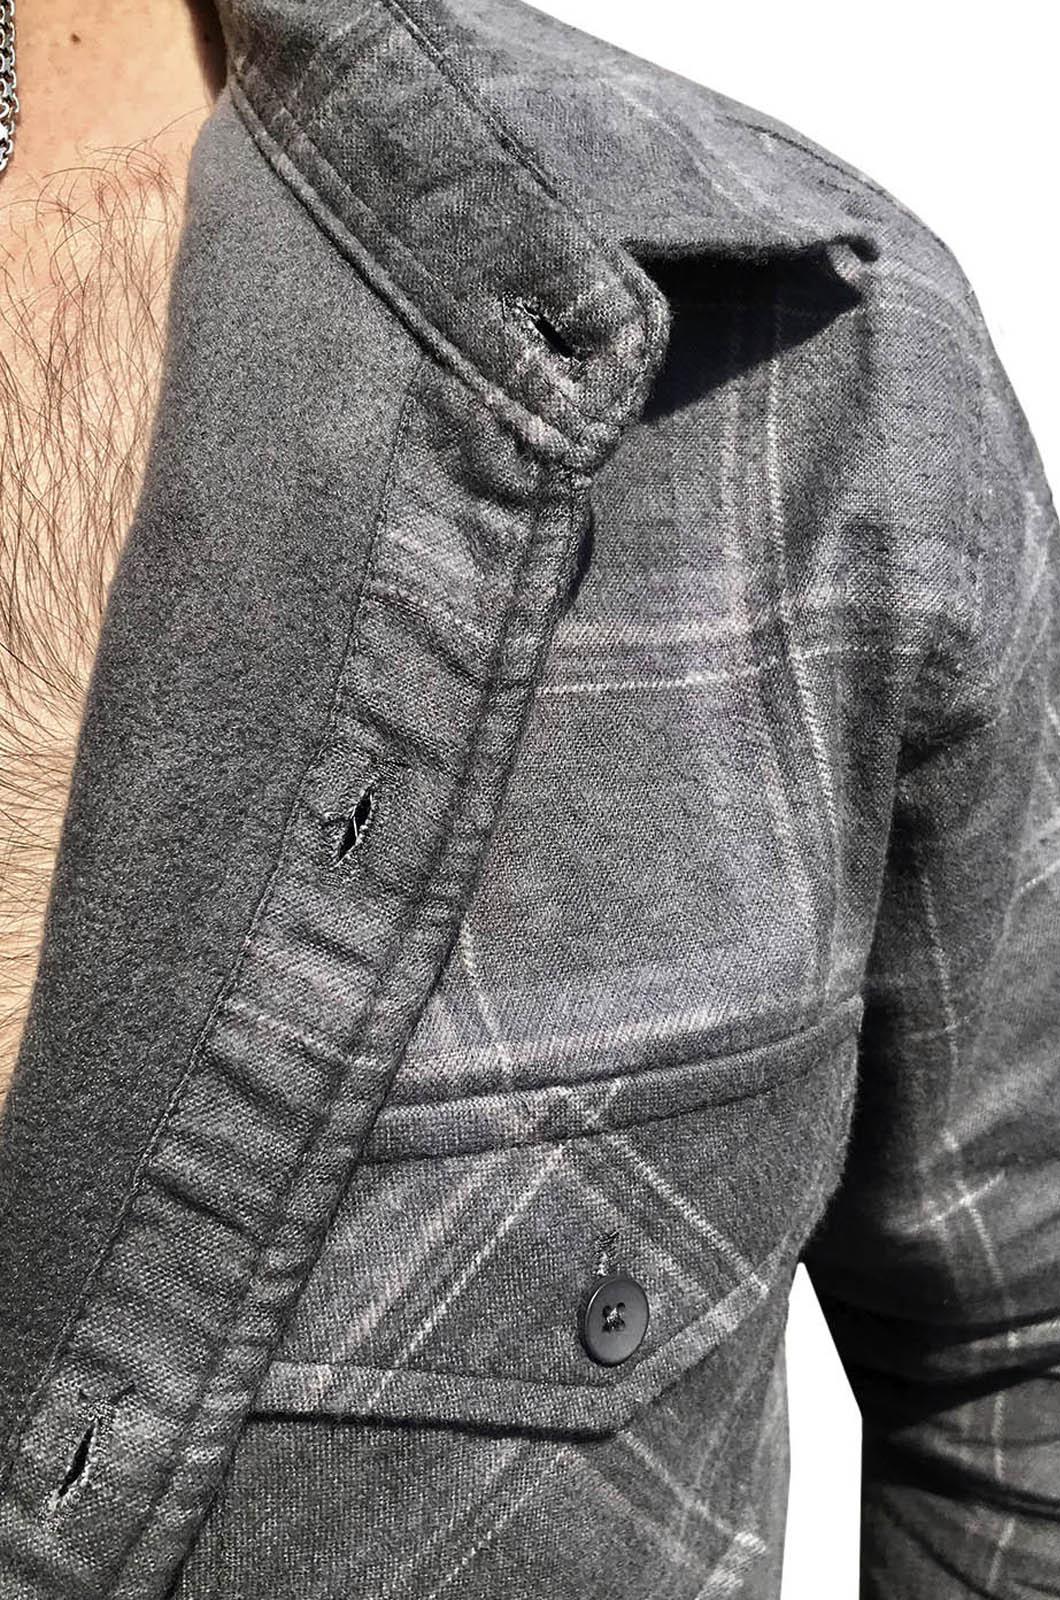 Серая рубашка 22 гв. ОБрСпН купить в розницу